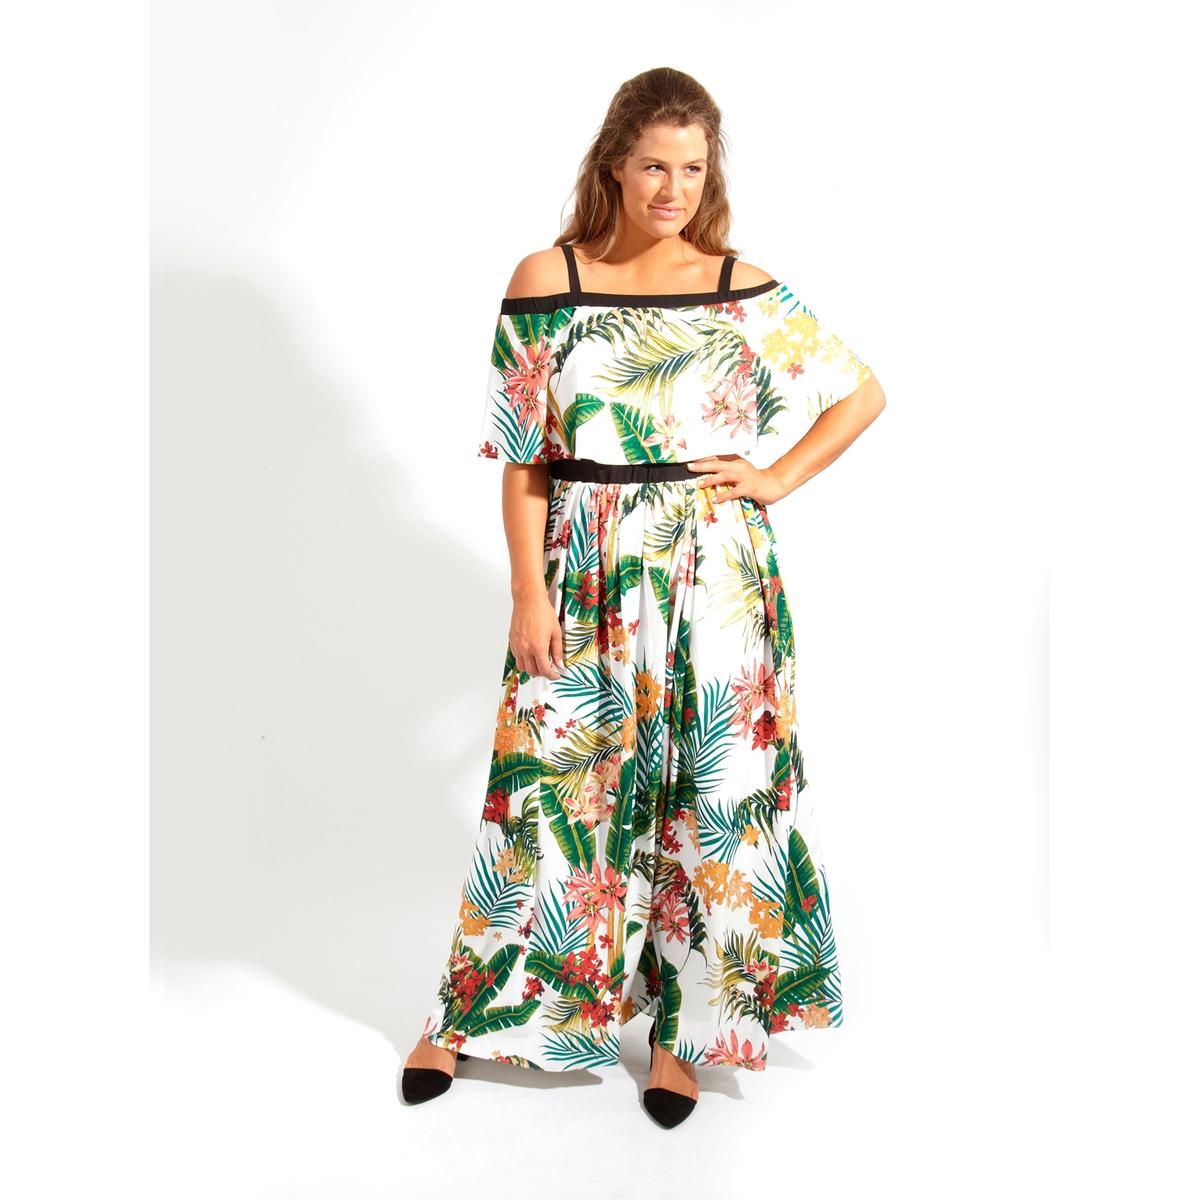 ПлатьеПлатье длинное KOKO BY KOKO. Платье макси с красивым вырезом бардо . 100% полиэстер<br><br>Цвет: набивной рисунок<br>Размер: 46 (FR) - 52 (RUS)